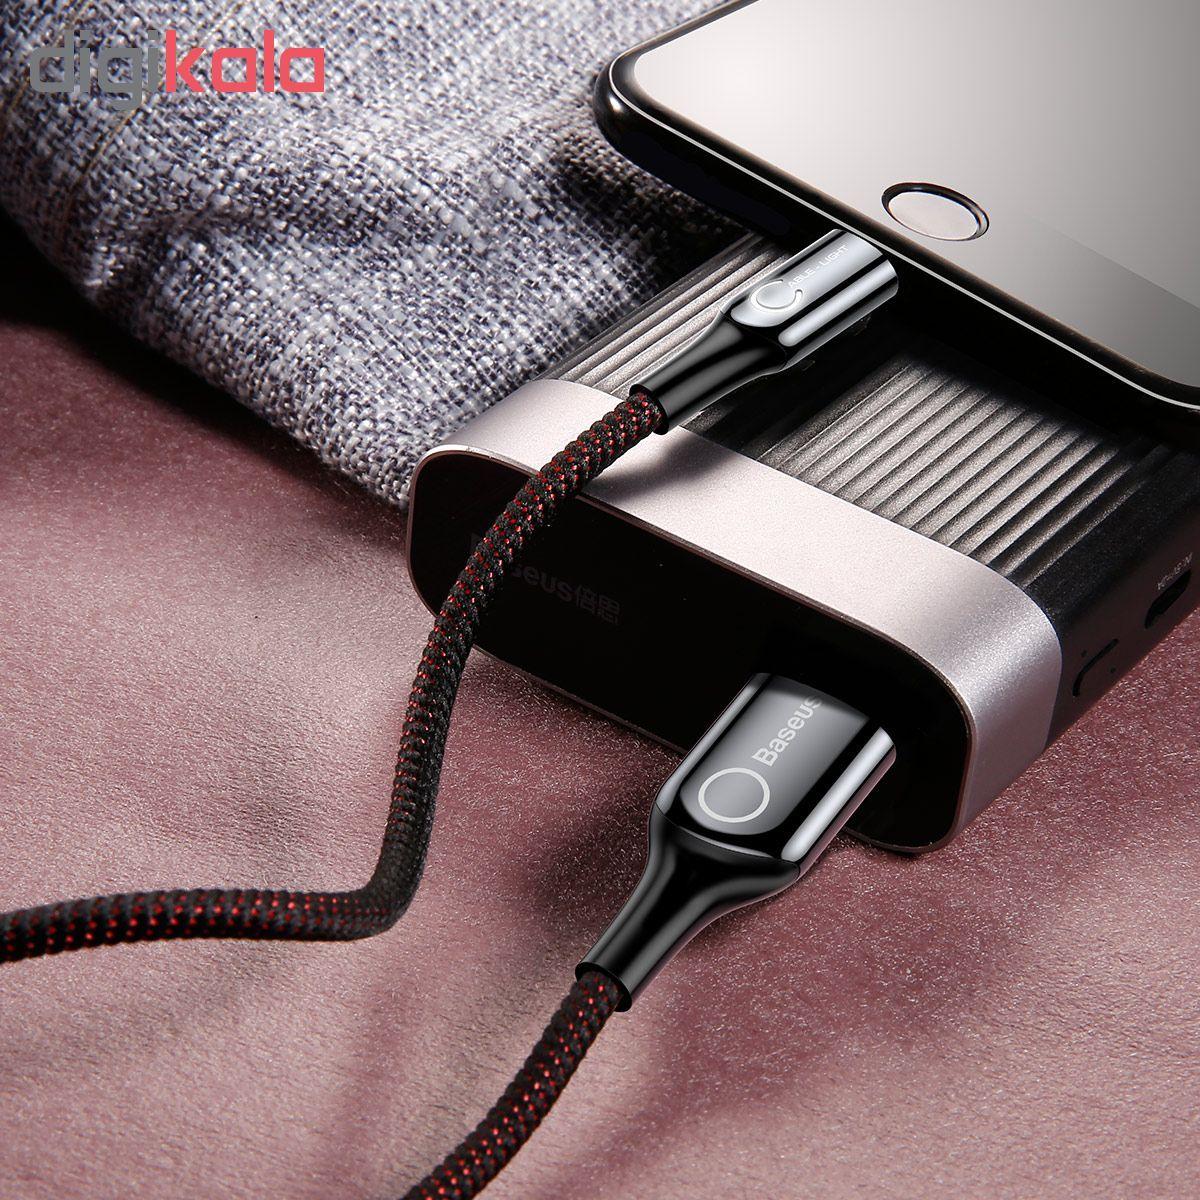 کابل تبدیل USB به لایتنینگ باسئوس مدل CALCD-01 طول 1 متر main 1 8